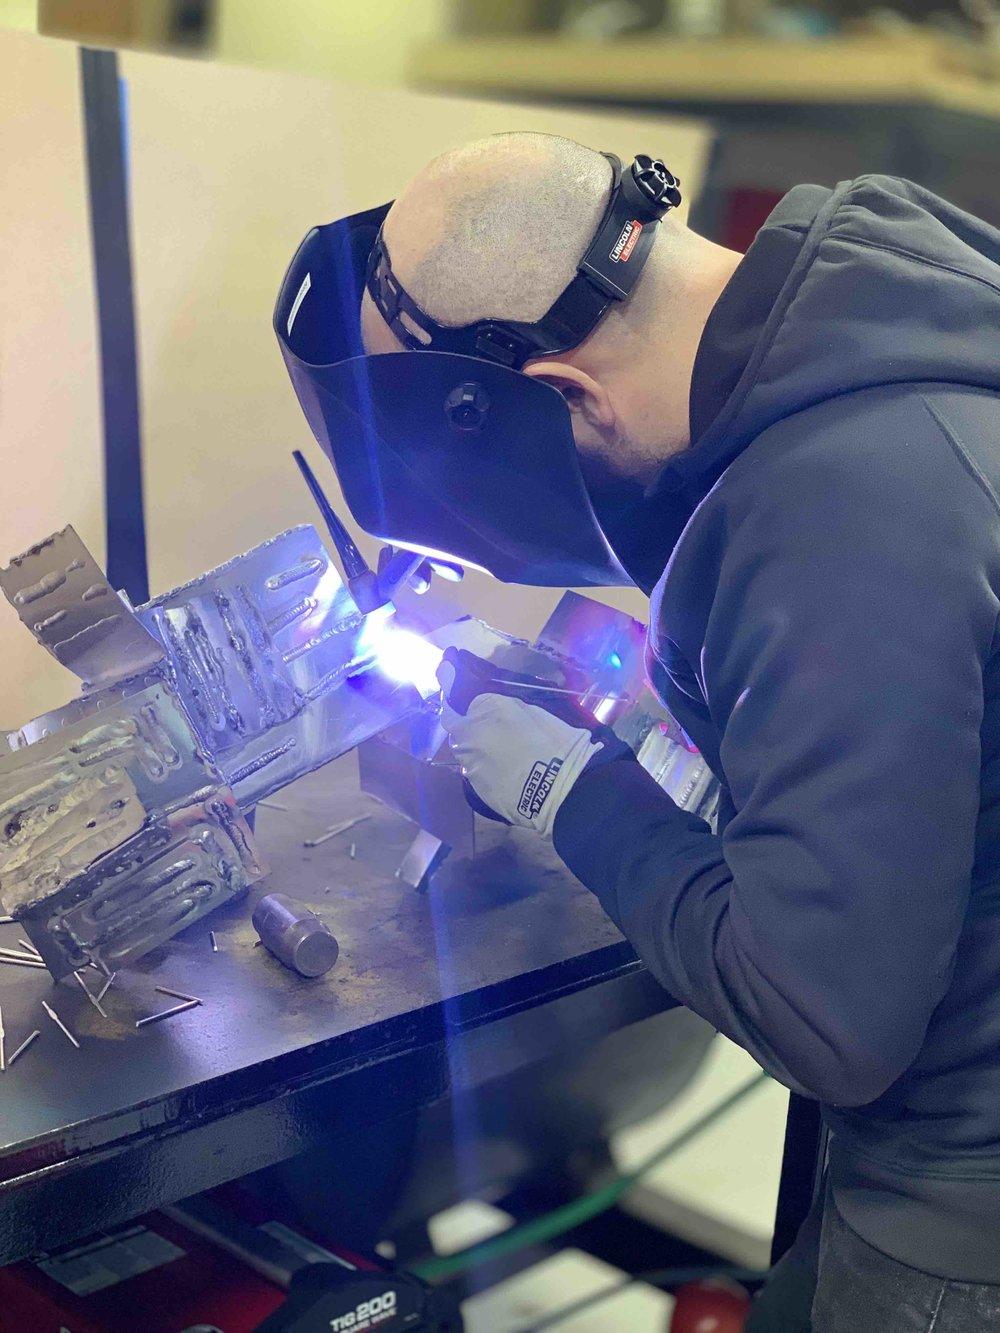 Fuller-Moto-Welding-Workshop-Jan2019-21.jpg